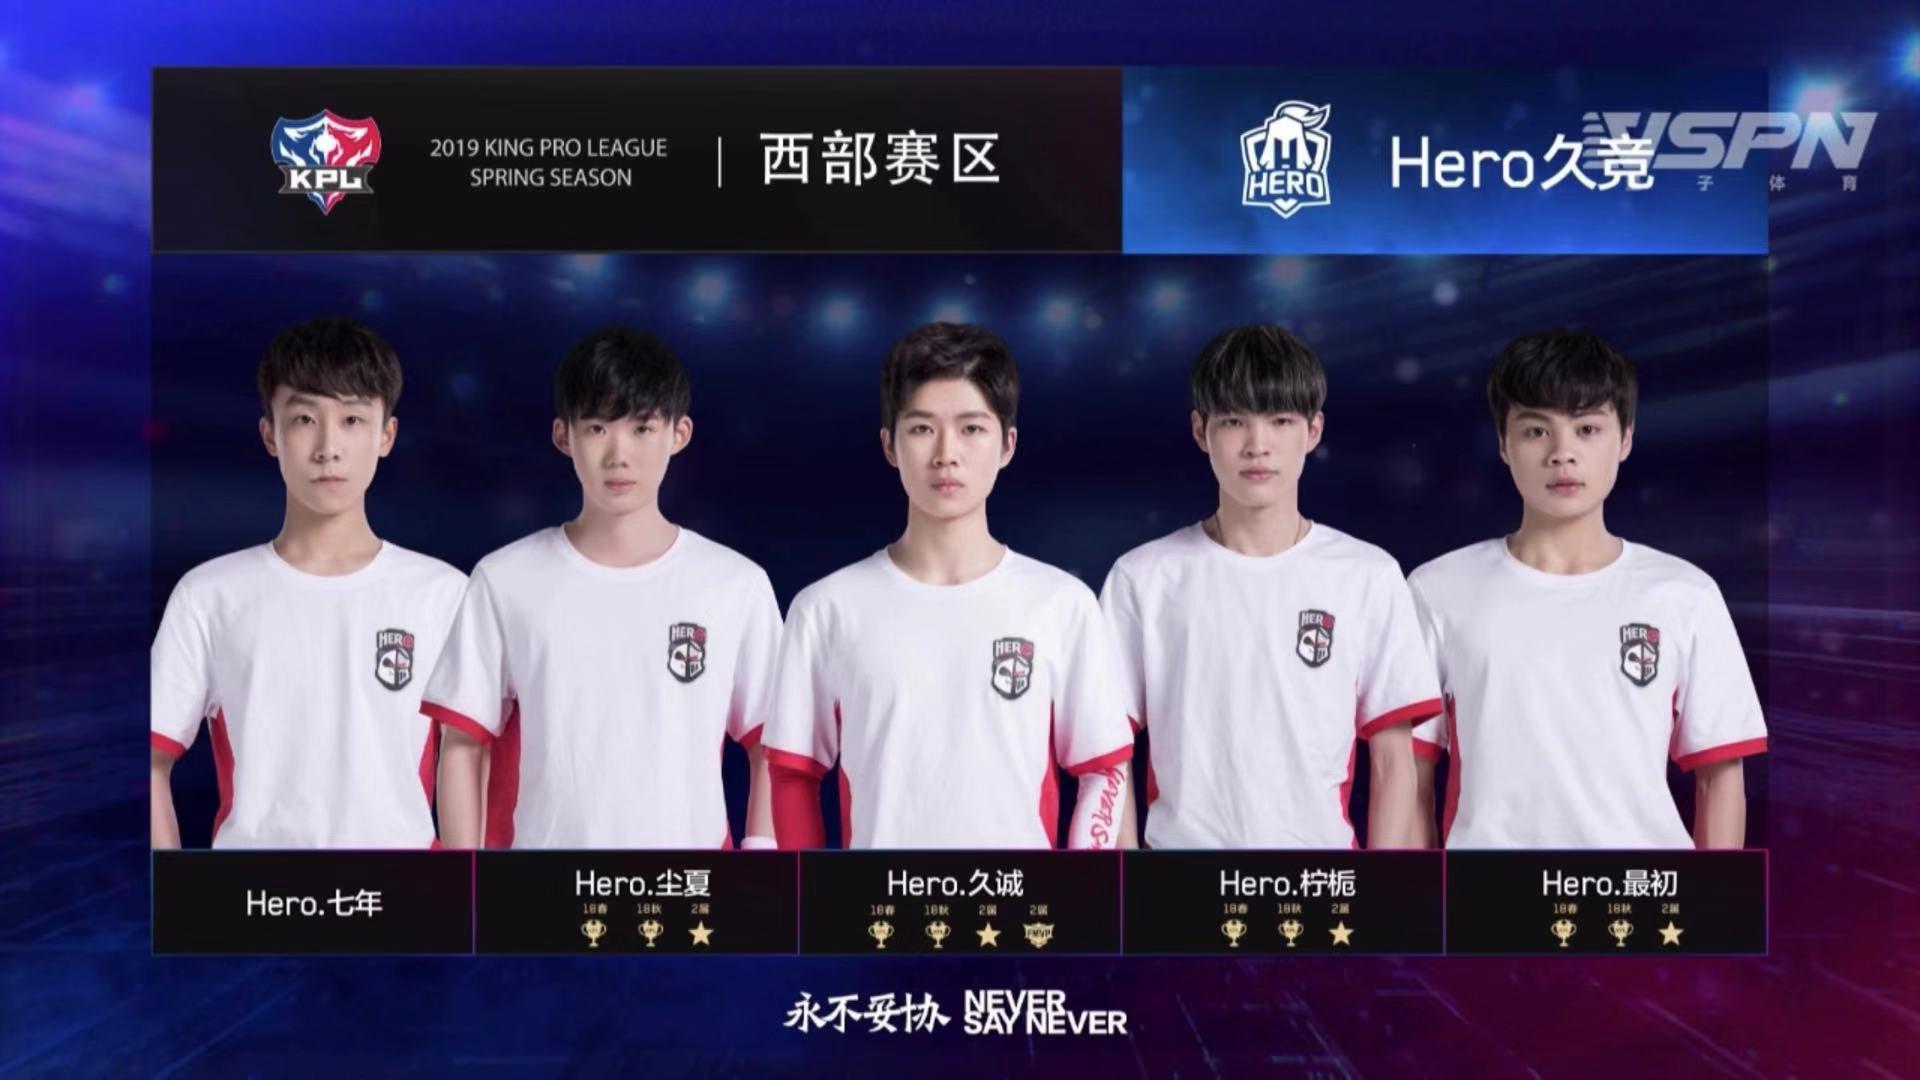 王者荣耀KPL揭幕战Hero更胜一筹,让一追三拿下春季赛首胜!